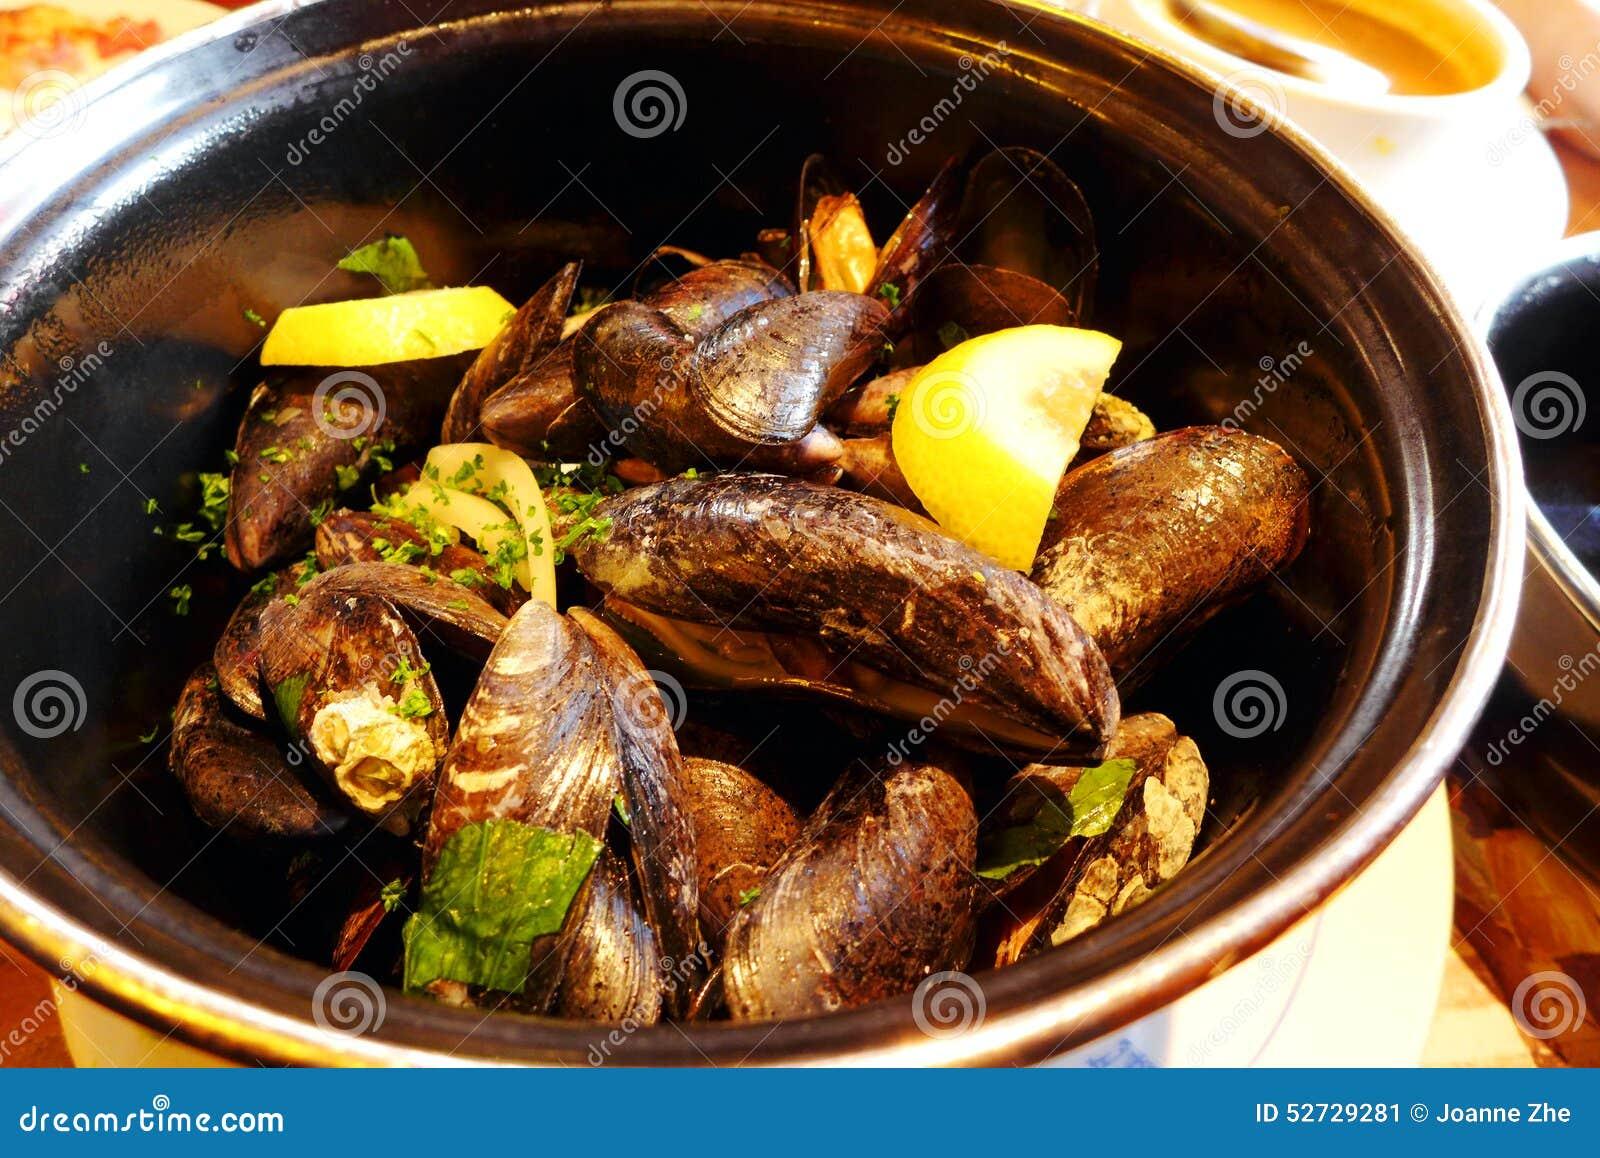 Mariniere De Moules Cuisine Francaise De Style A Paris